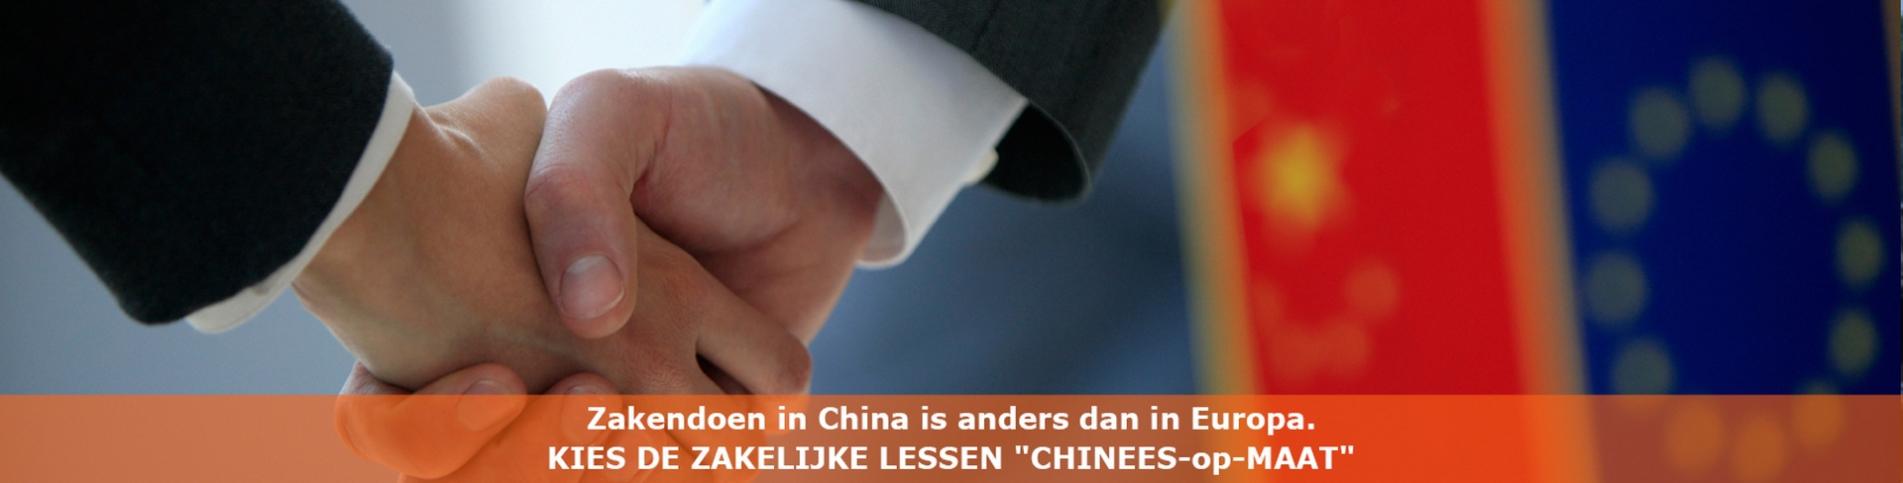 Chinees Chinese  Les Leren onderwijs cursus taal Gooi Vecht Eem Baarn Eemnes Laren Huizen